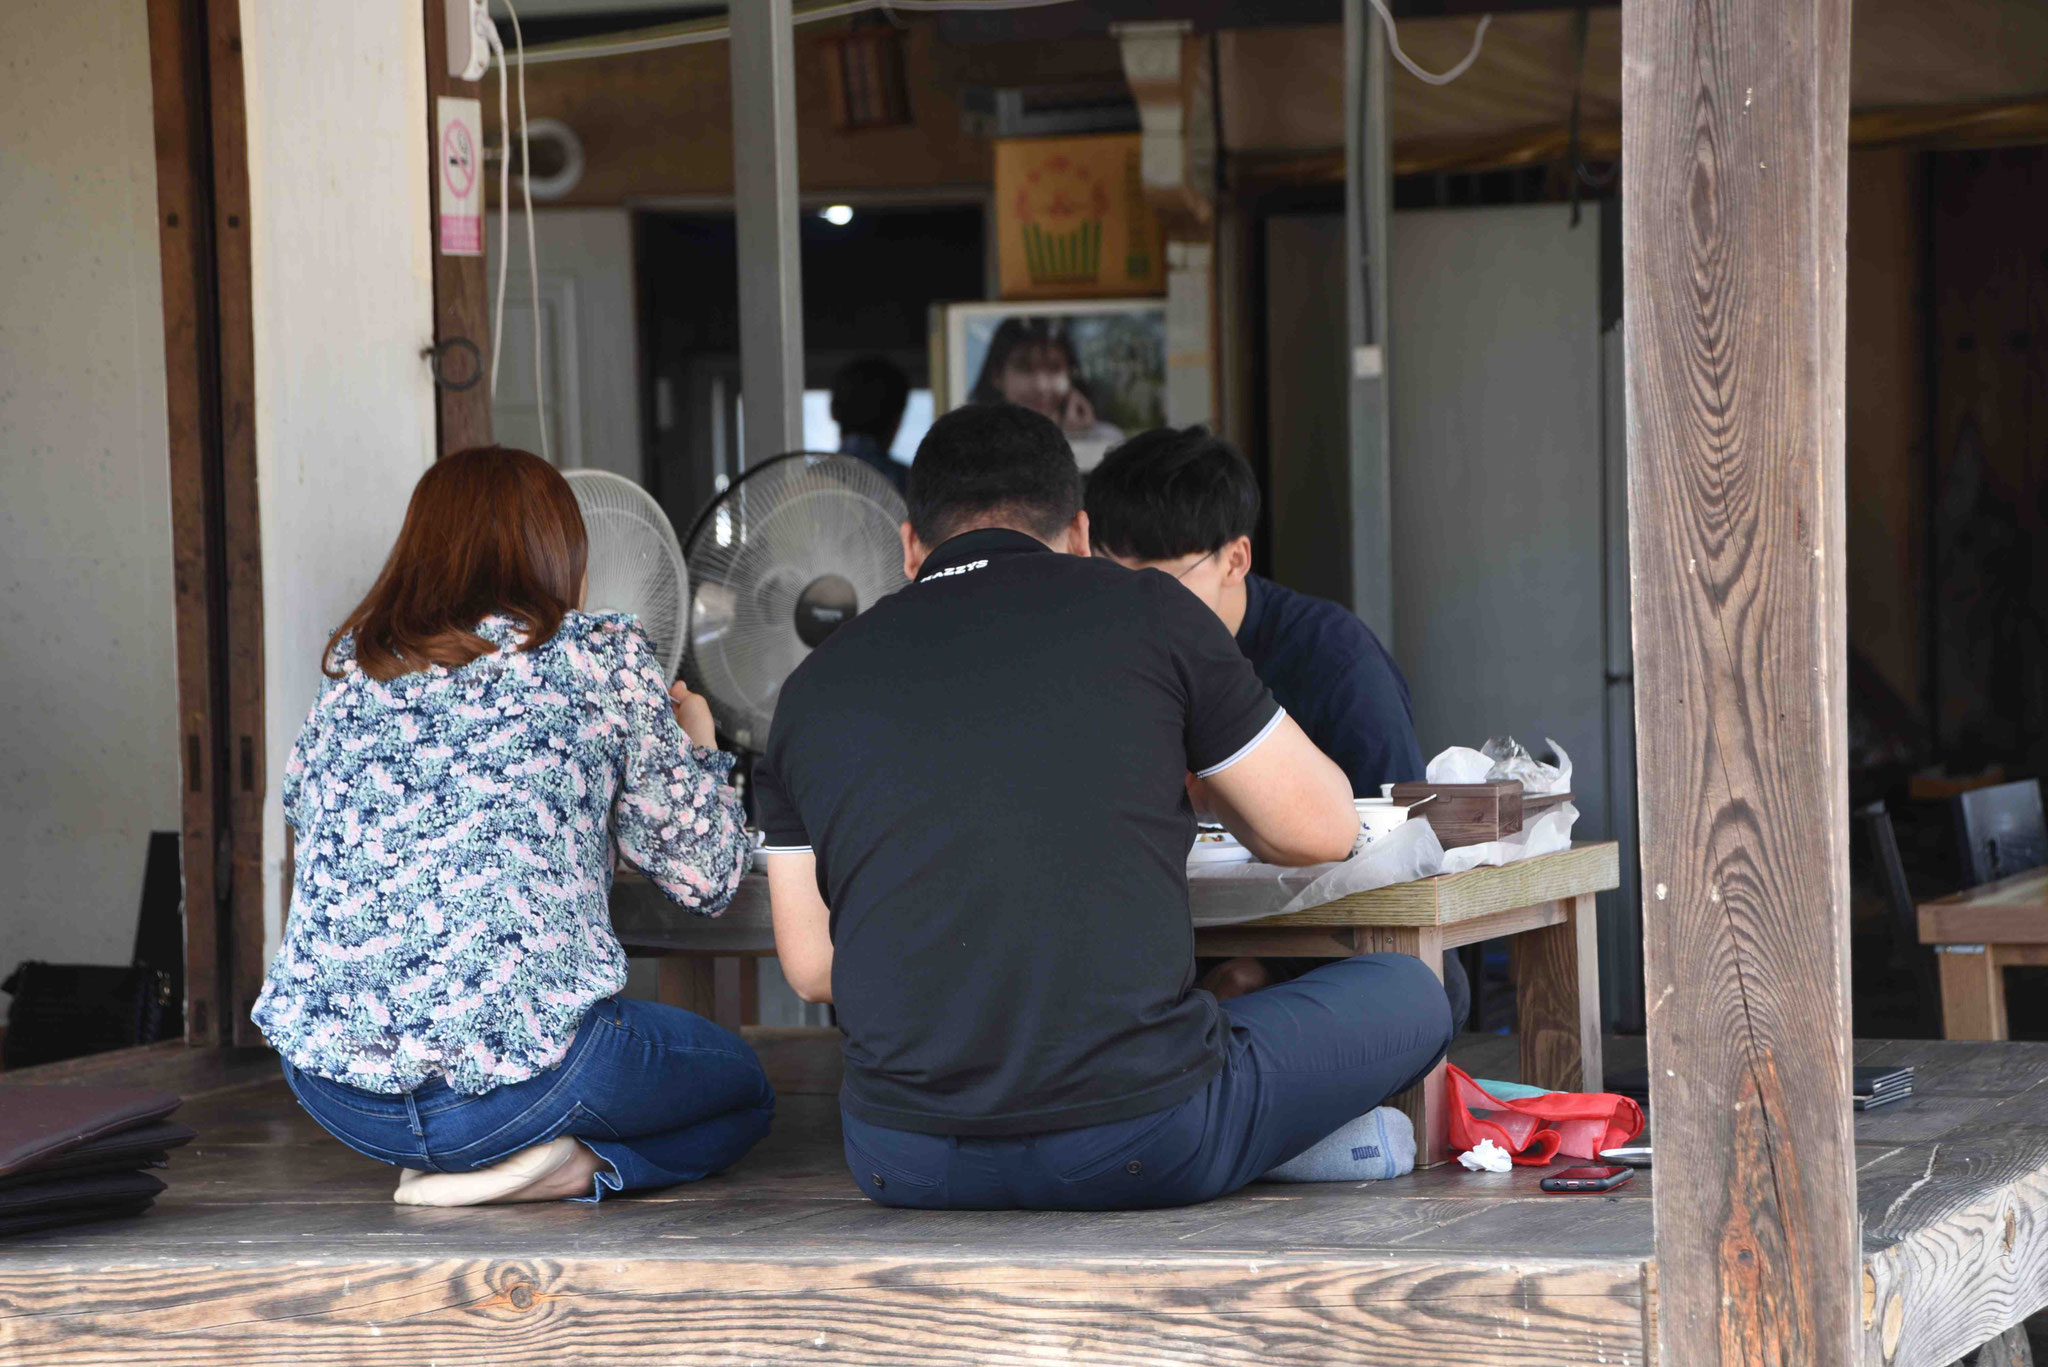 Traditionell wird im Schneidersitz gegessen